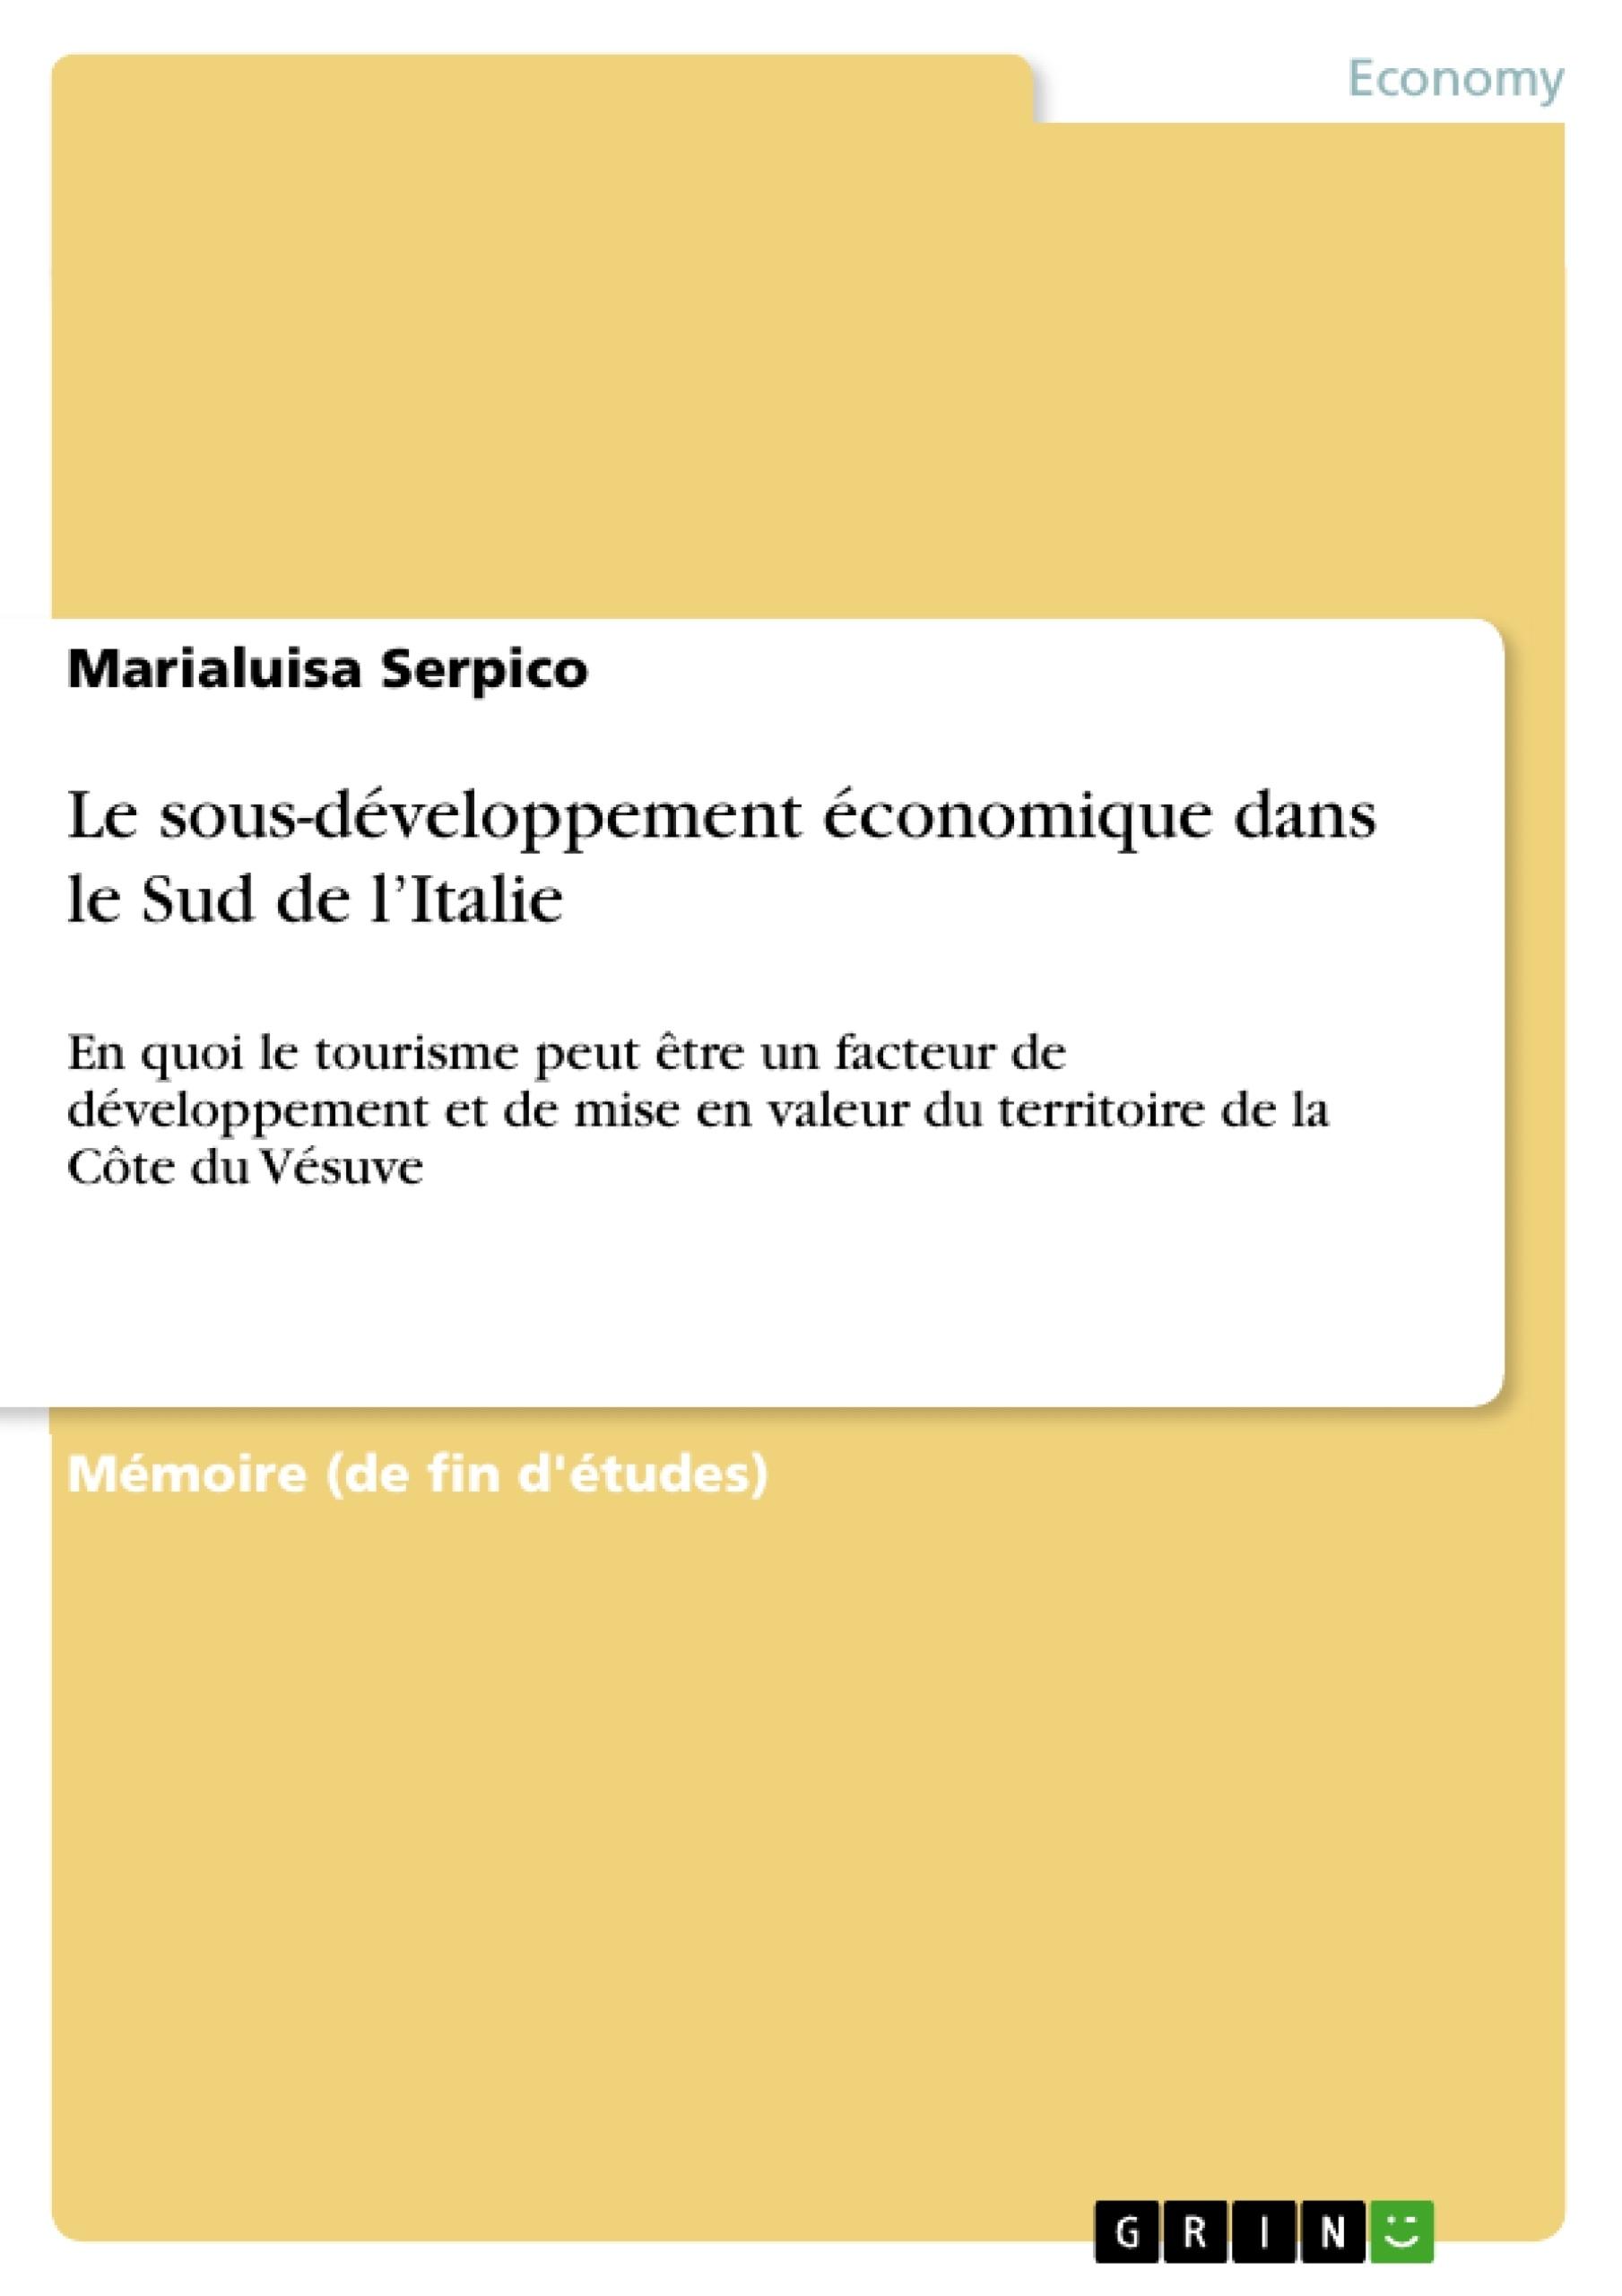 Titre: Le sous-développement économique dans le Sud de l'Italie